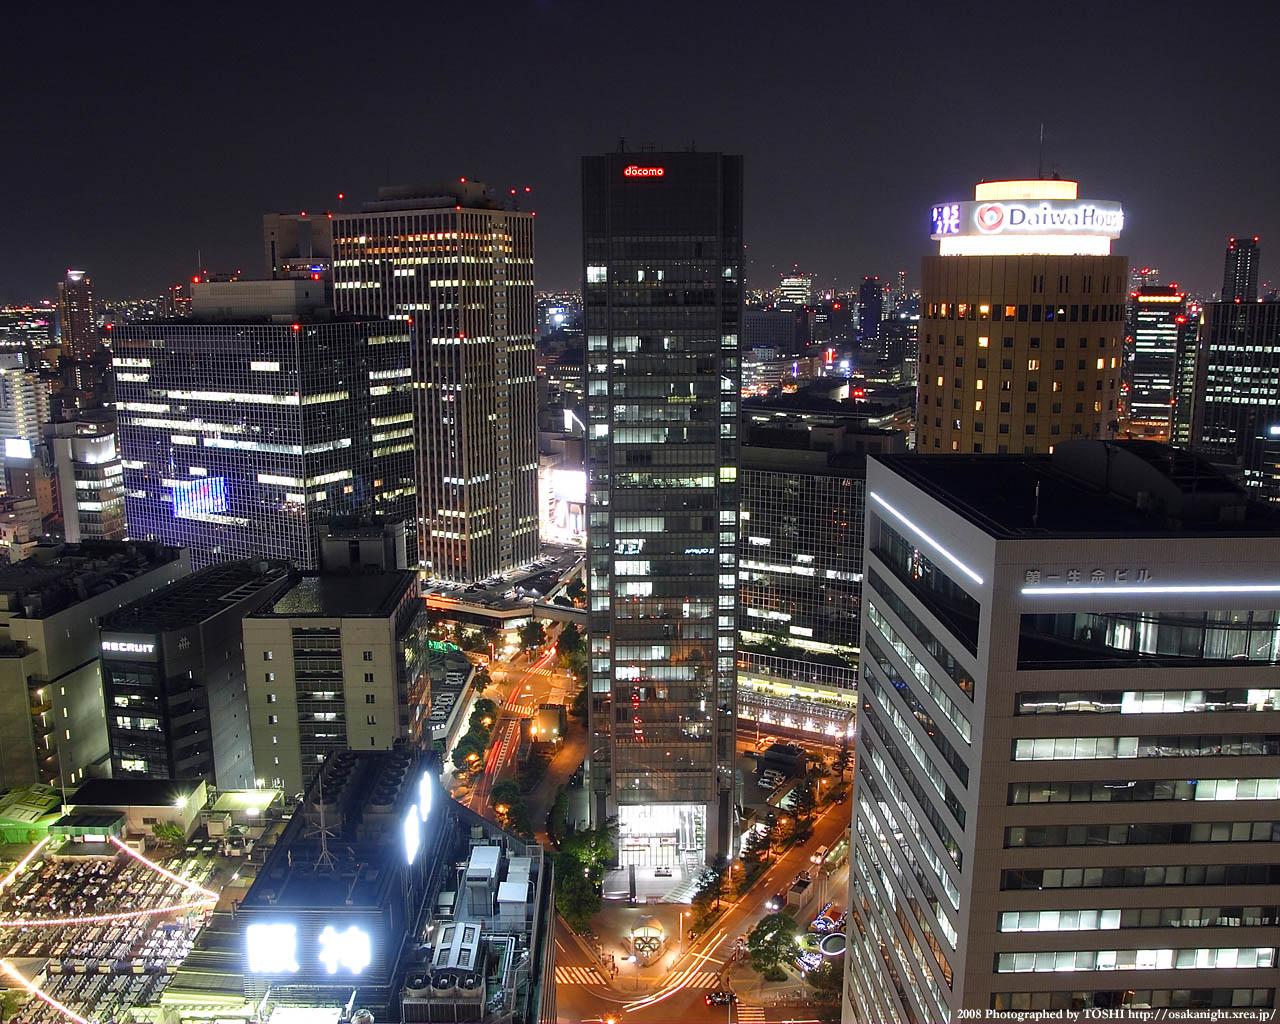 大阪駅前ダイヤモンド地区1